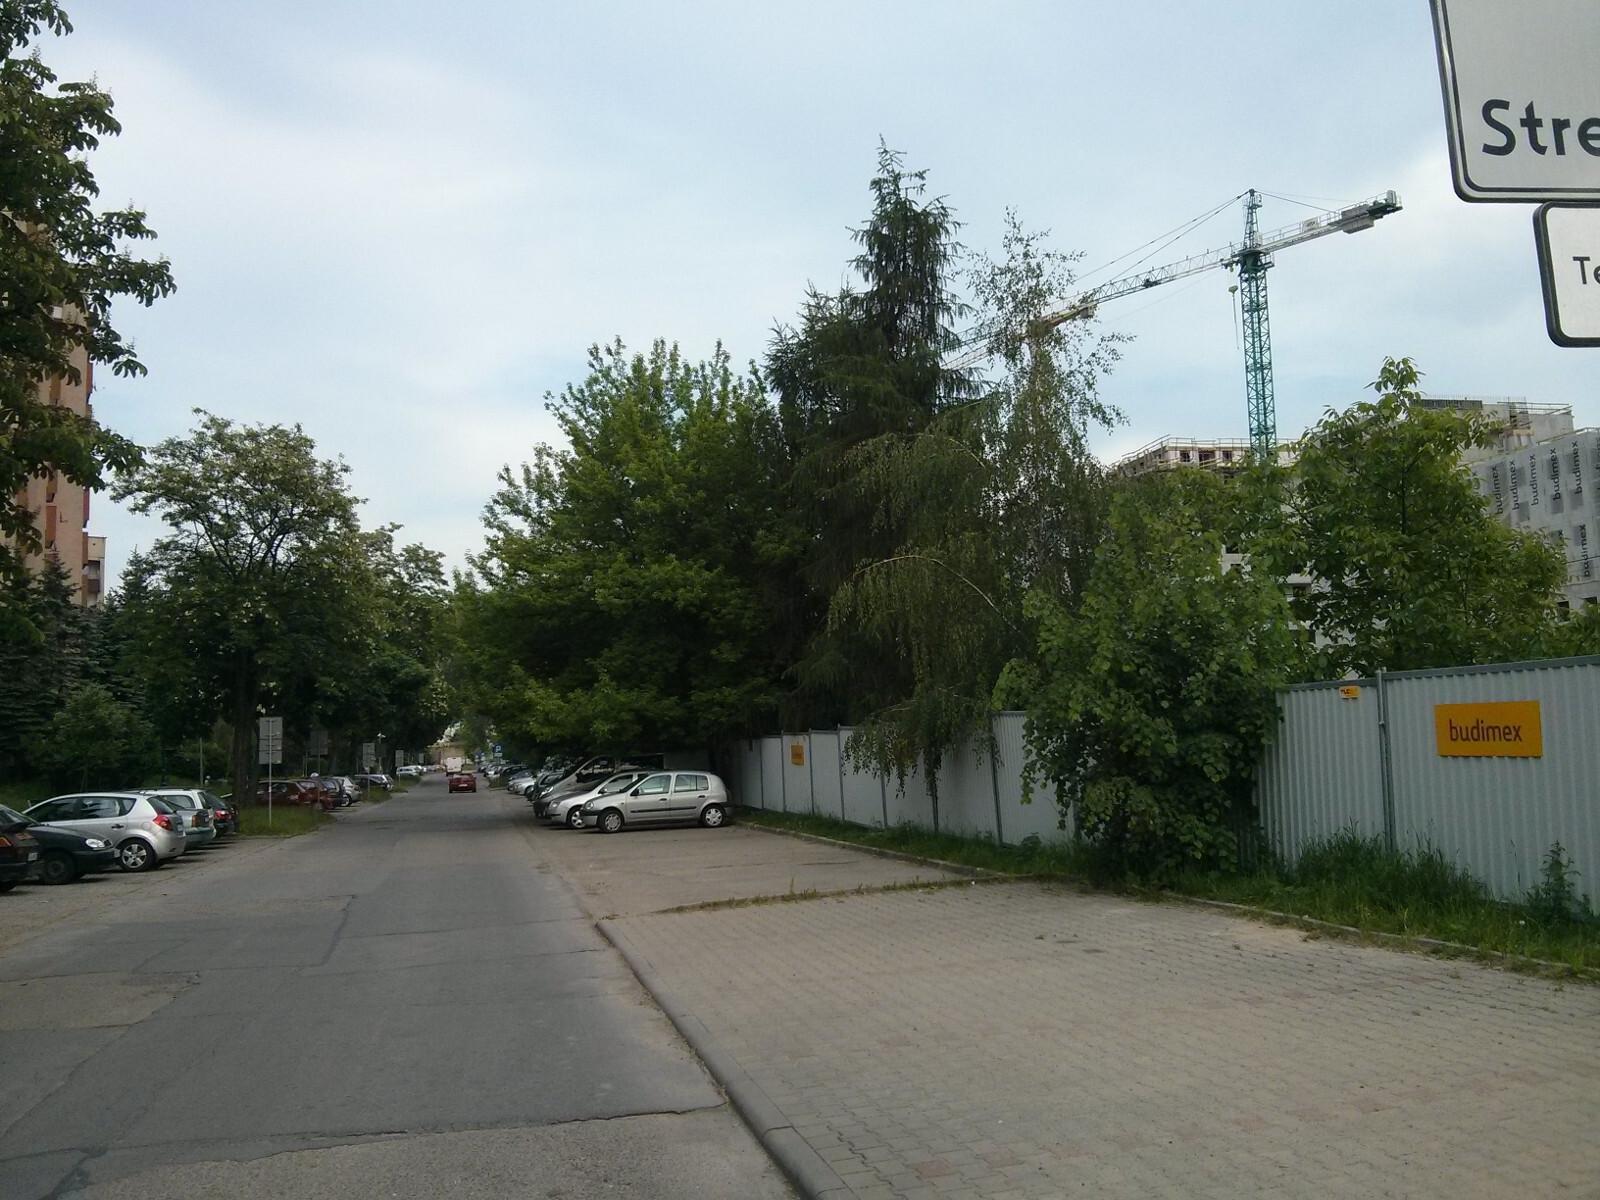 Parking spółdzielni mieszkaniowej Czyżyny obok działki ze spornymi drzewami